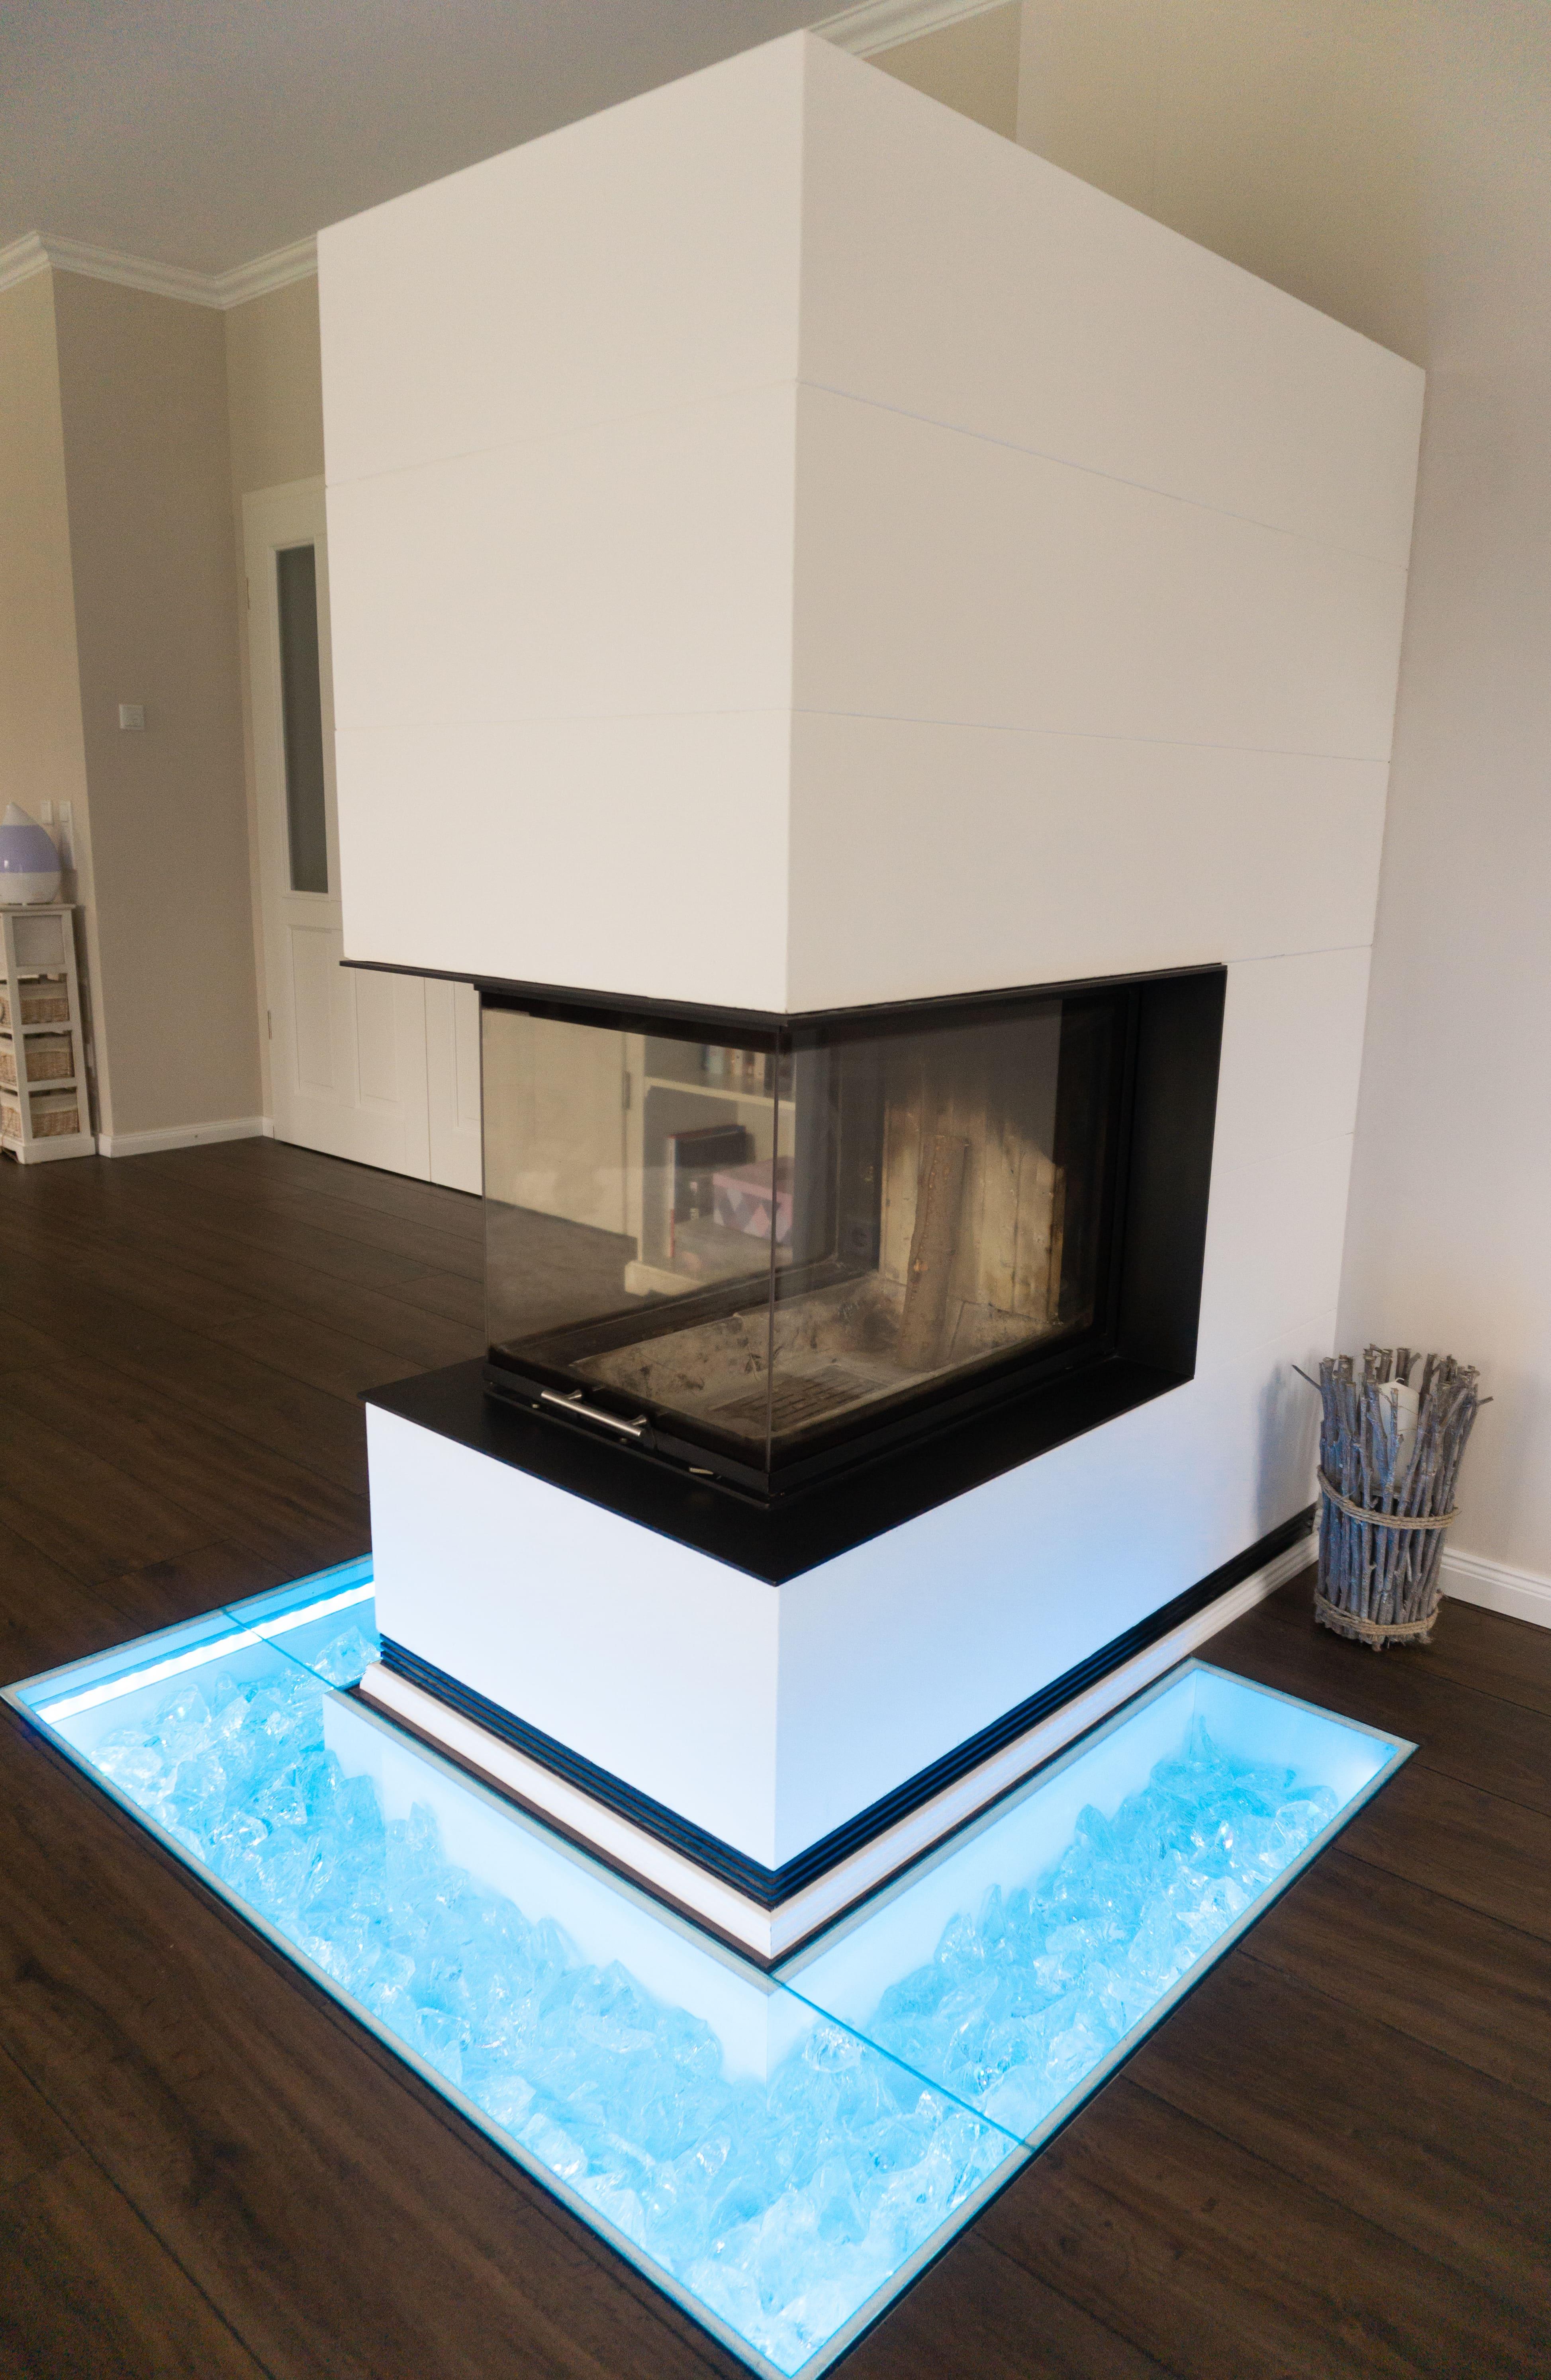 Holzofen Ofen beleuchtet Kamin Wohnzimmer Bodenbeleuchtung